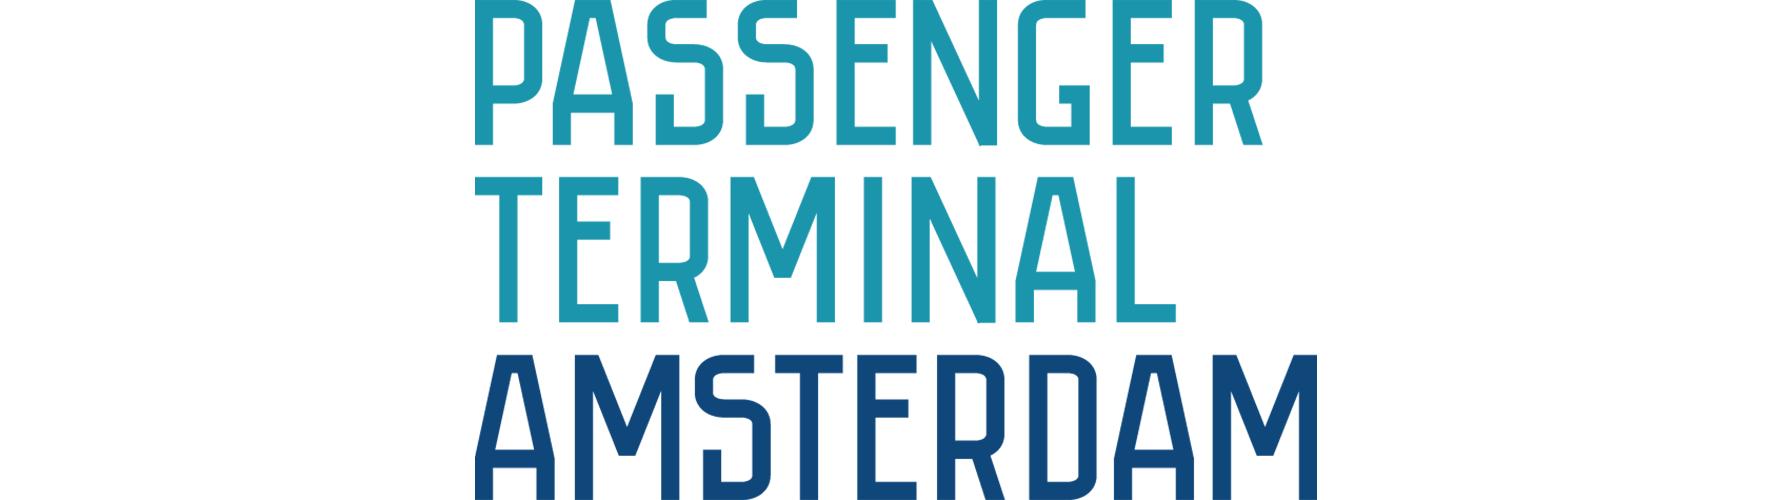 Passenger Terminal Amsterdam-image